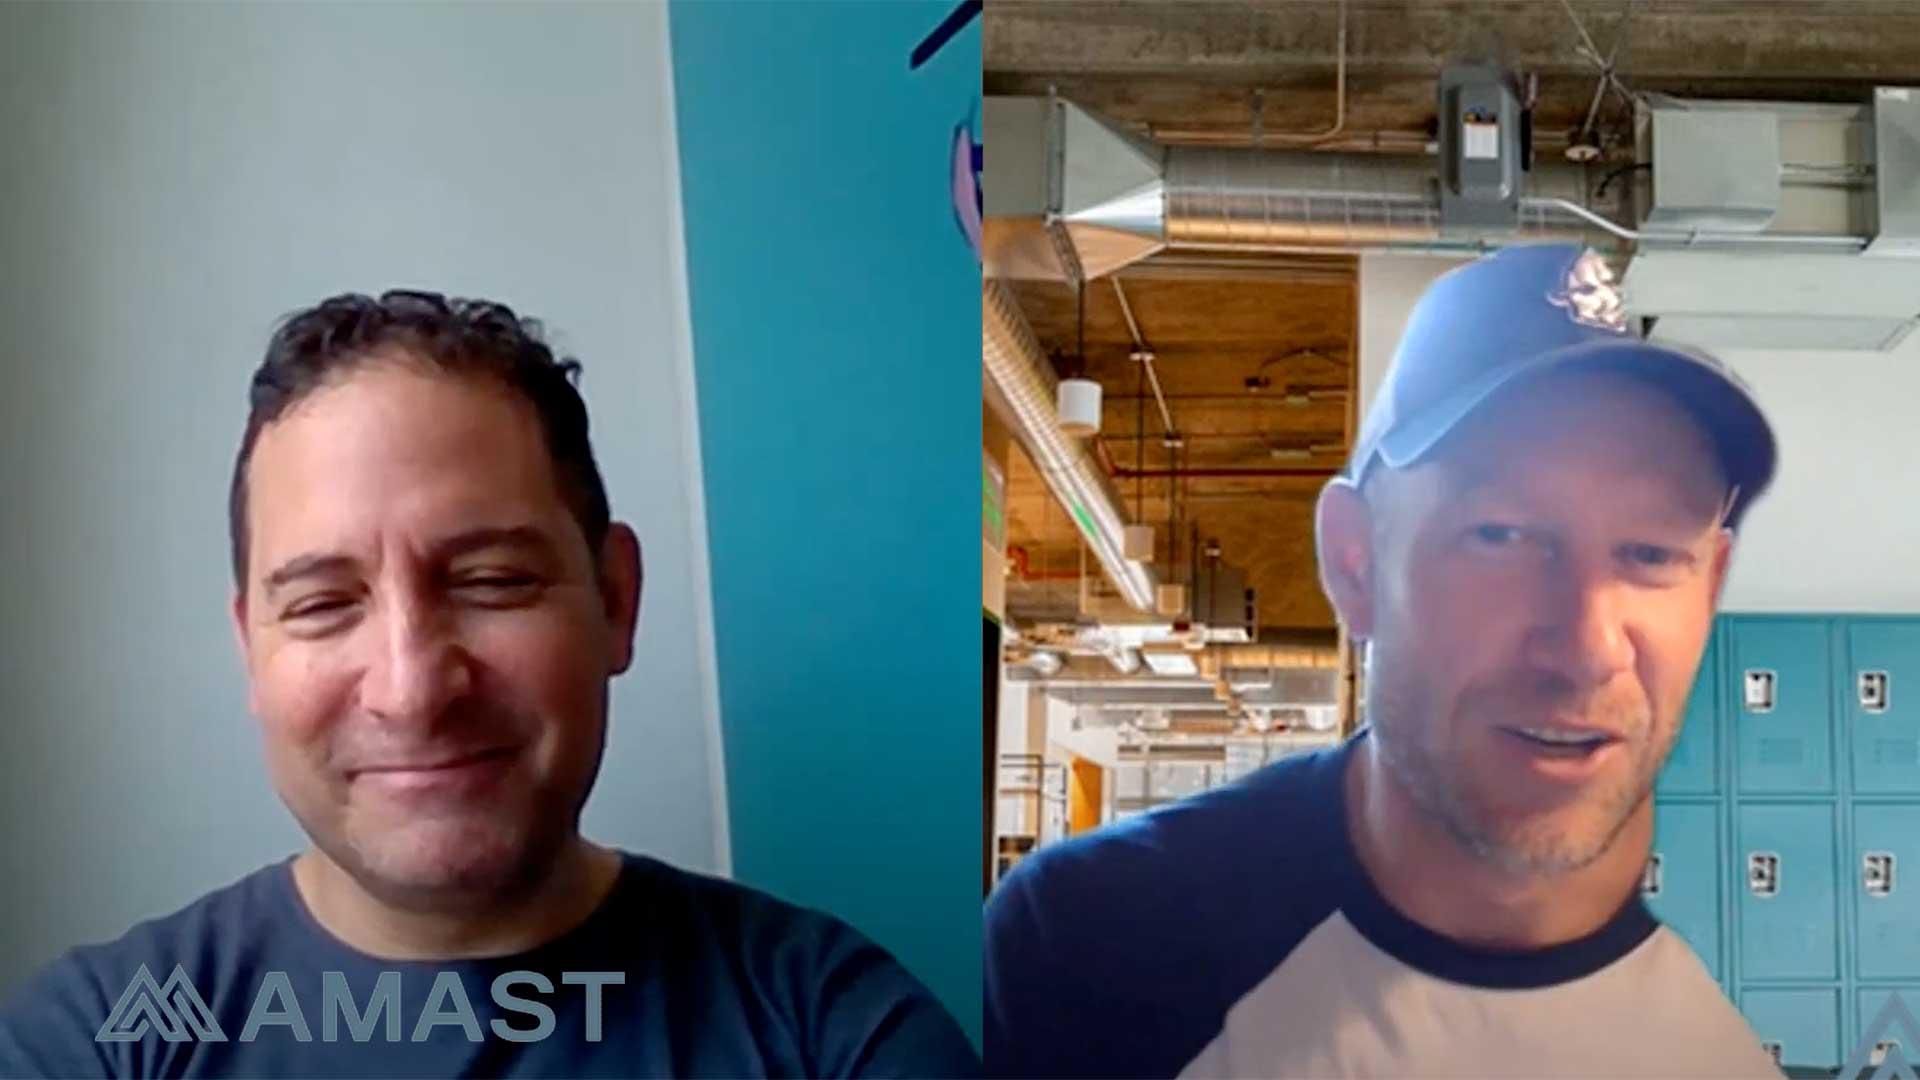 AMAST Community Talks: Tom Stemm